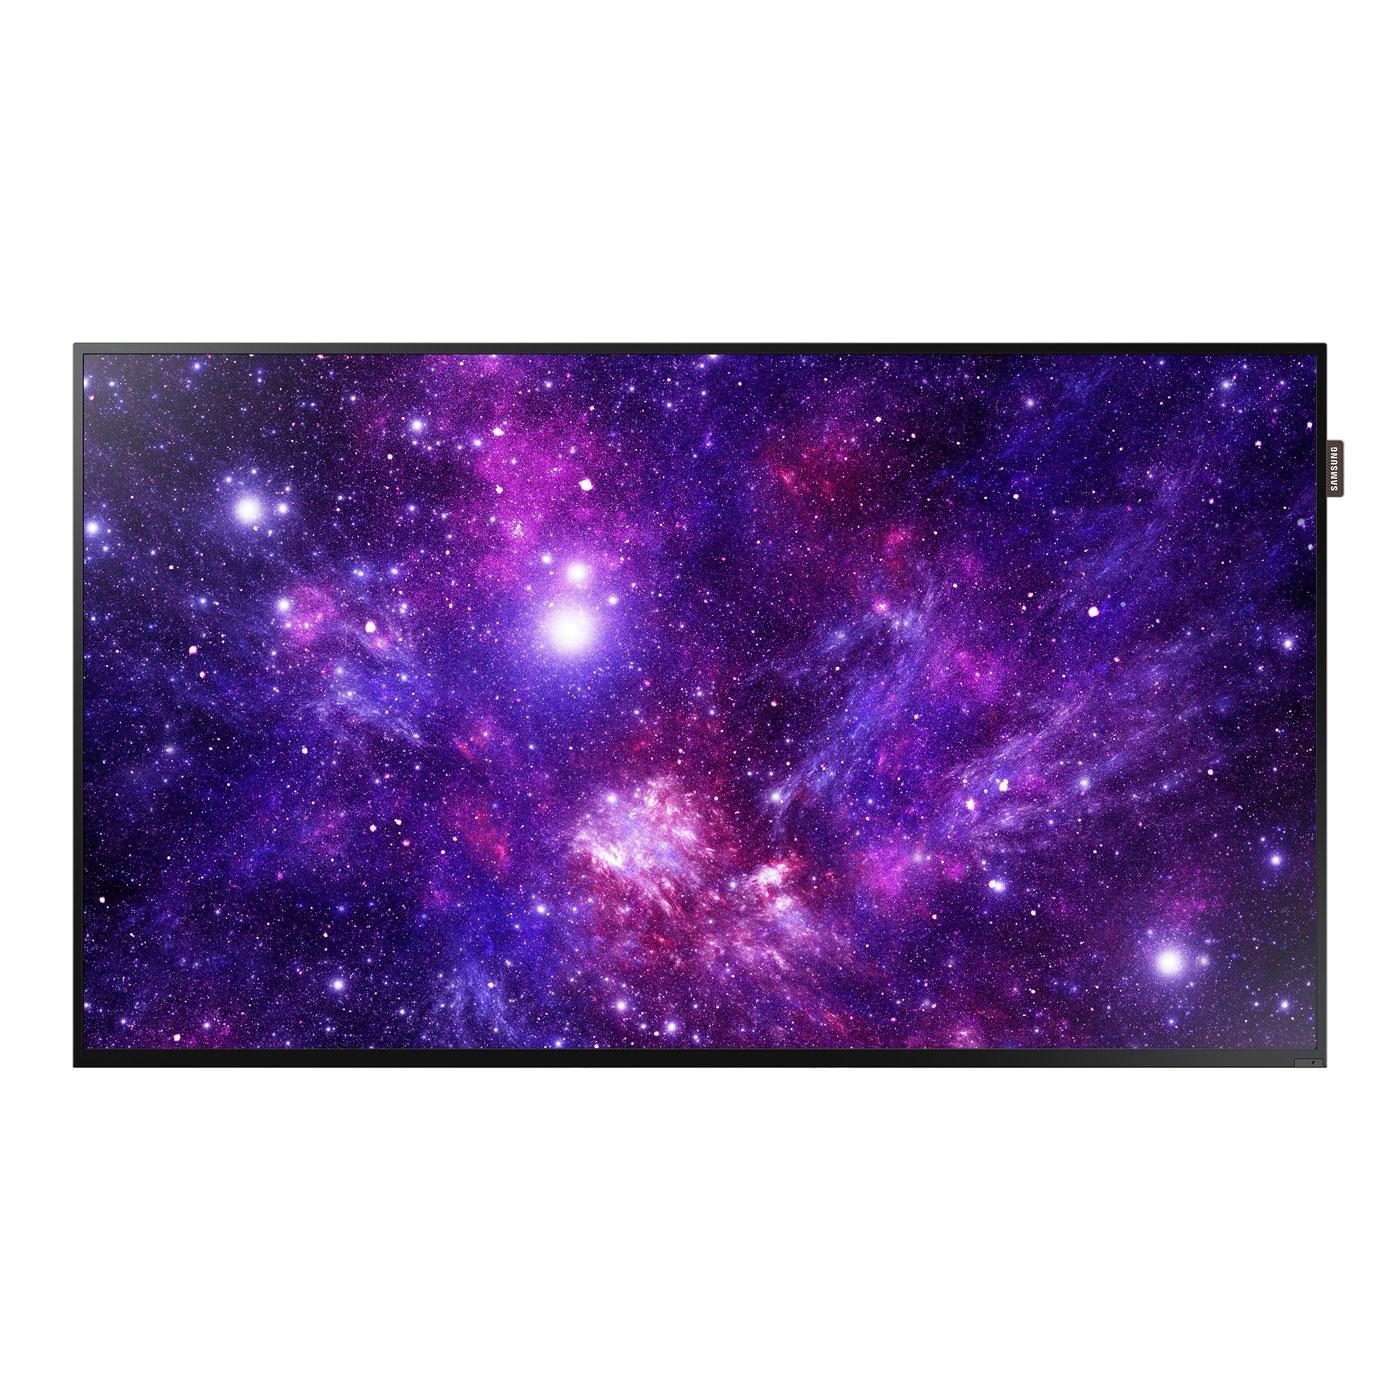 """Ecran dynamique Samsung 40"""" LED DC40E 1920 x 1080 pixels 16:9 - 5000:1 - 8 ms - HDMI - Haut-parleurs intégrés - Noir"""